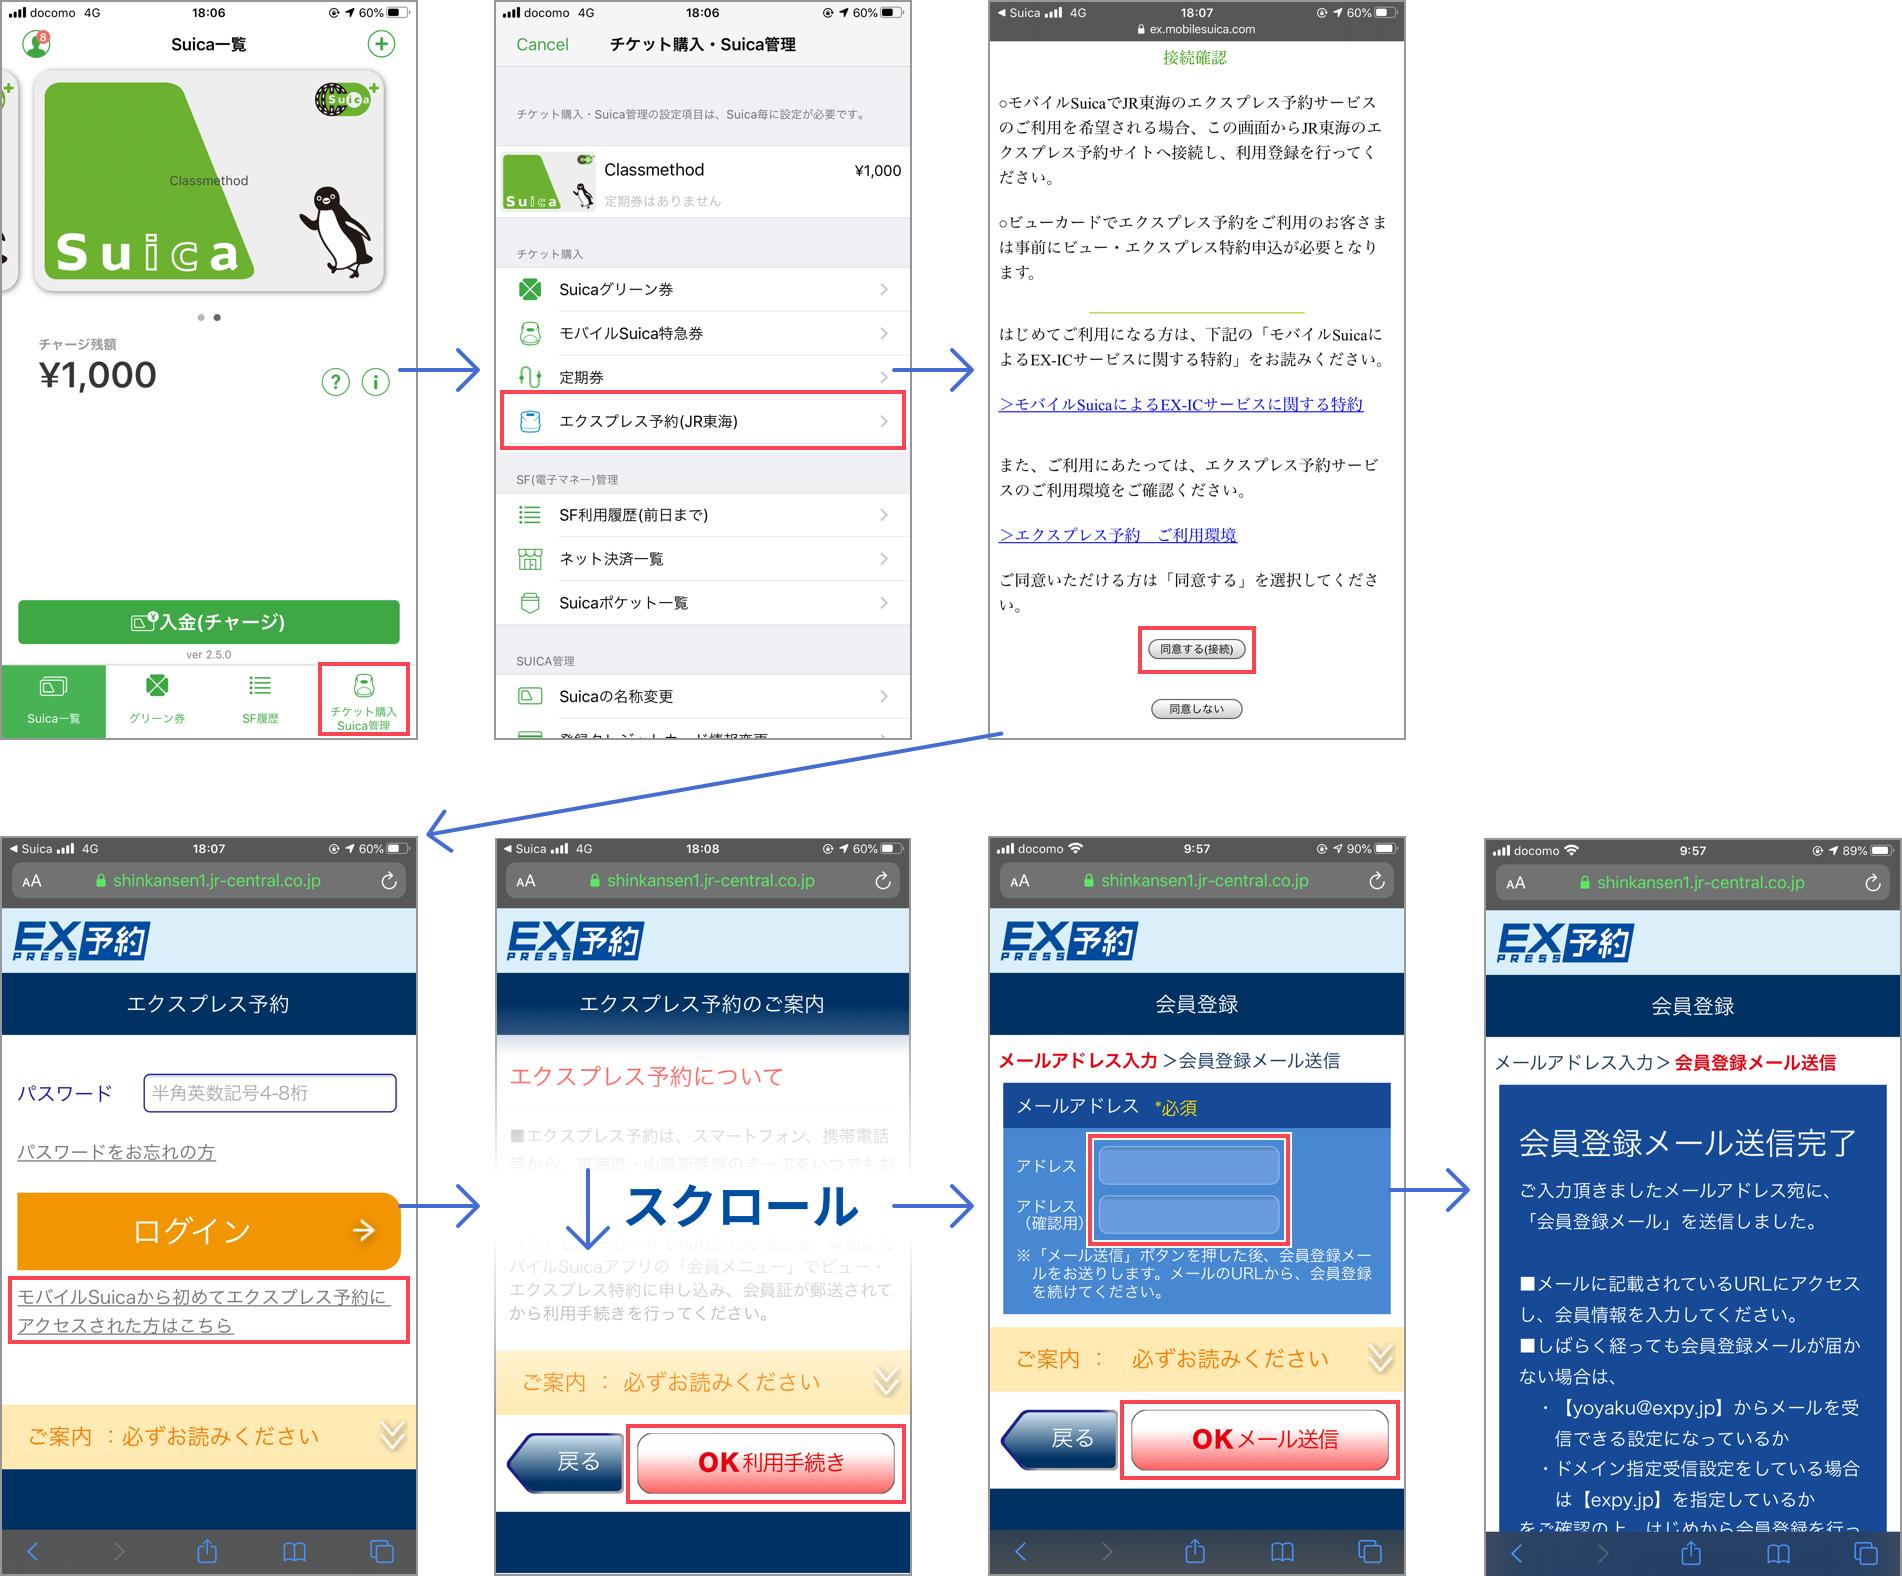 SuicaアプリからEX予約の会員登録のワンタイムURLを発行する手順